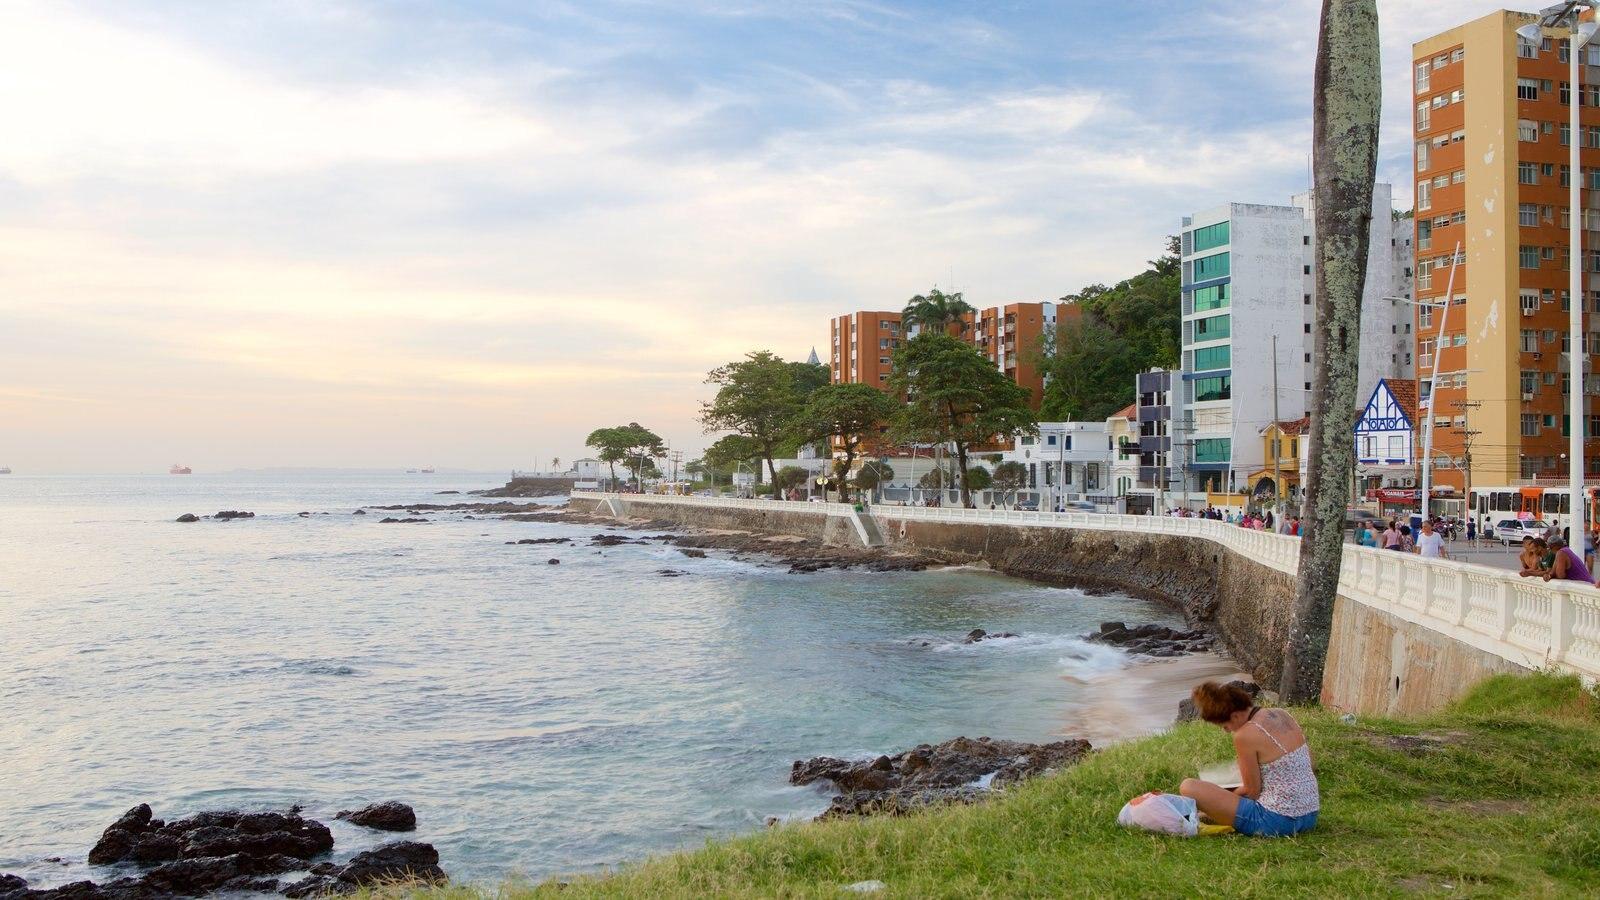 Praia do Farol da Barra que inclui paisagens litorâneas e uma cidade litorânea assim como uma mulher sozinha